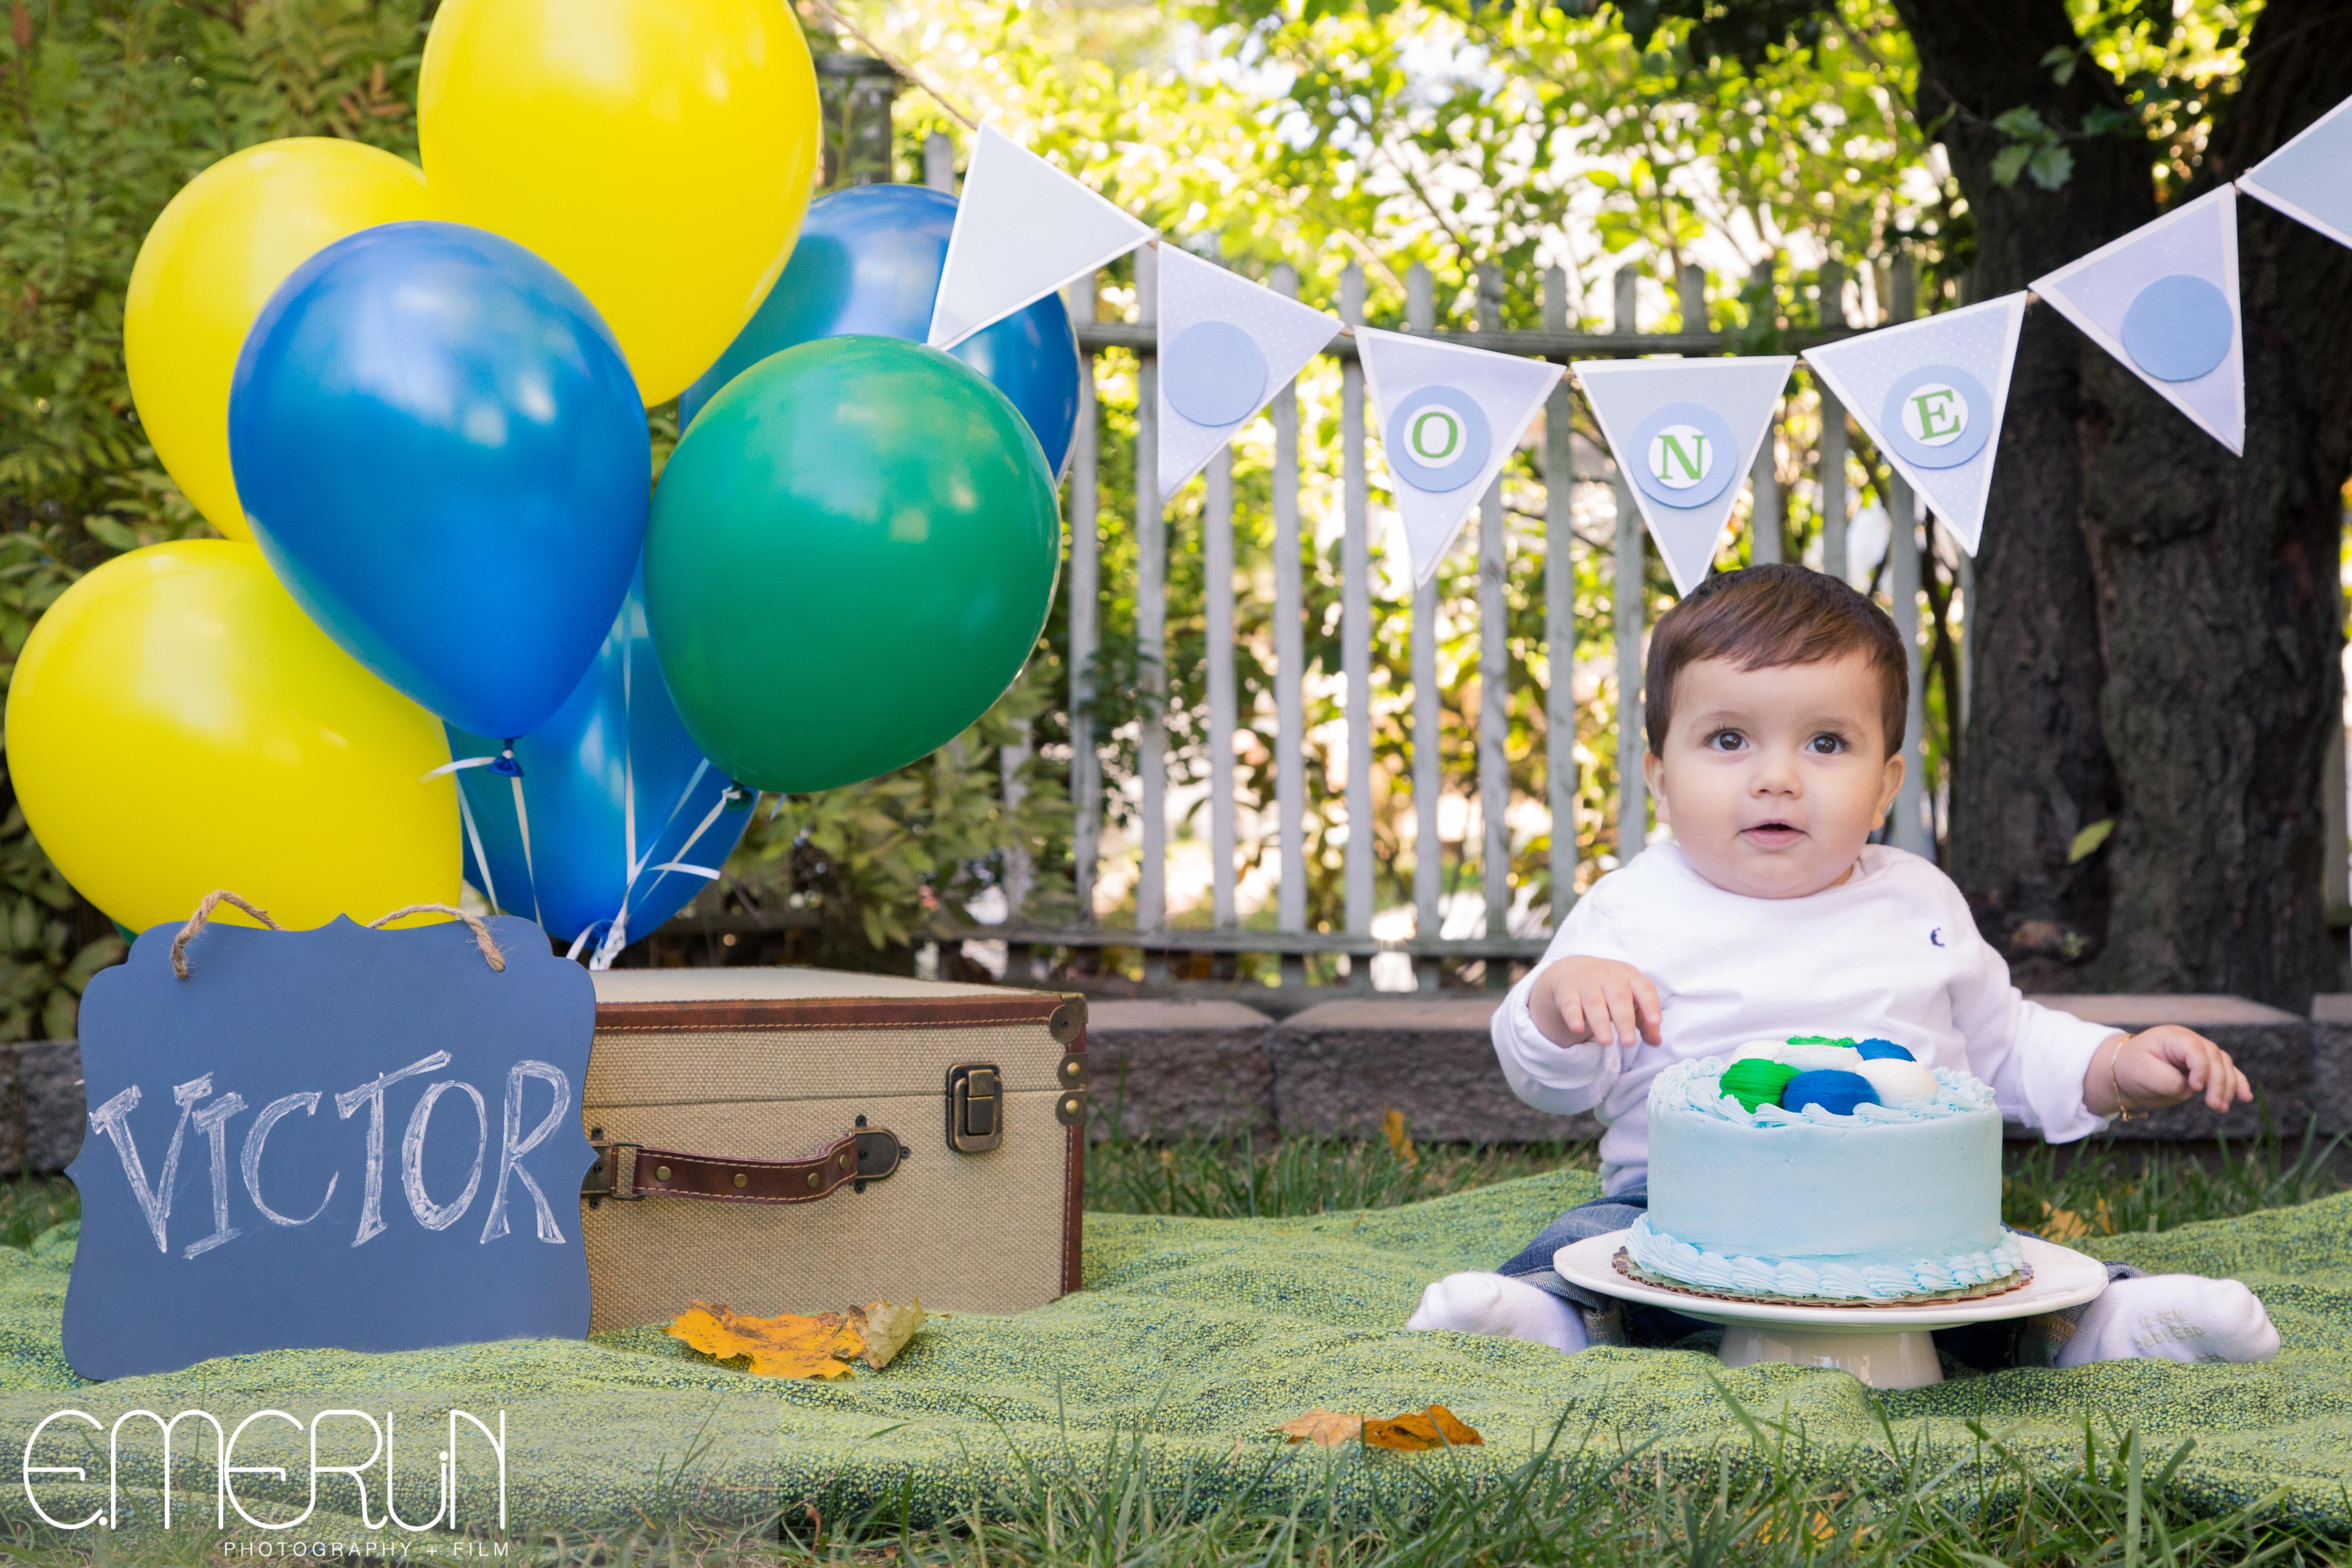 Baby Photoshoot Emerlinproductions